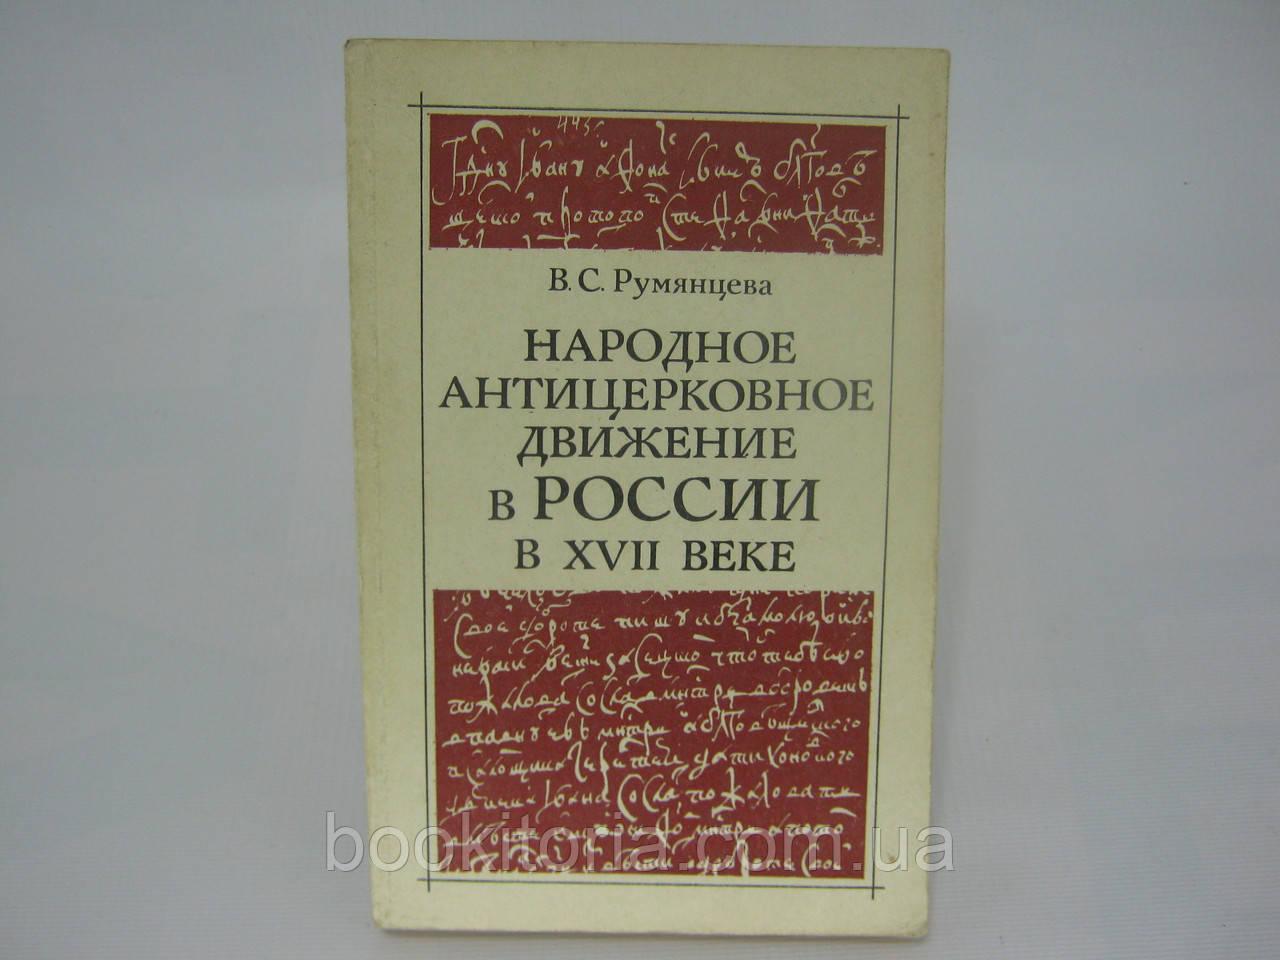 Румянцева В.С. Народное антицерковное движение в России в XVII веке (б/у).